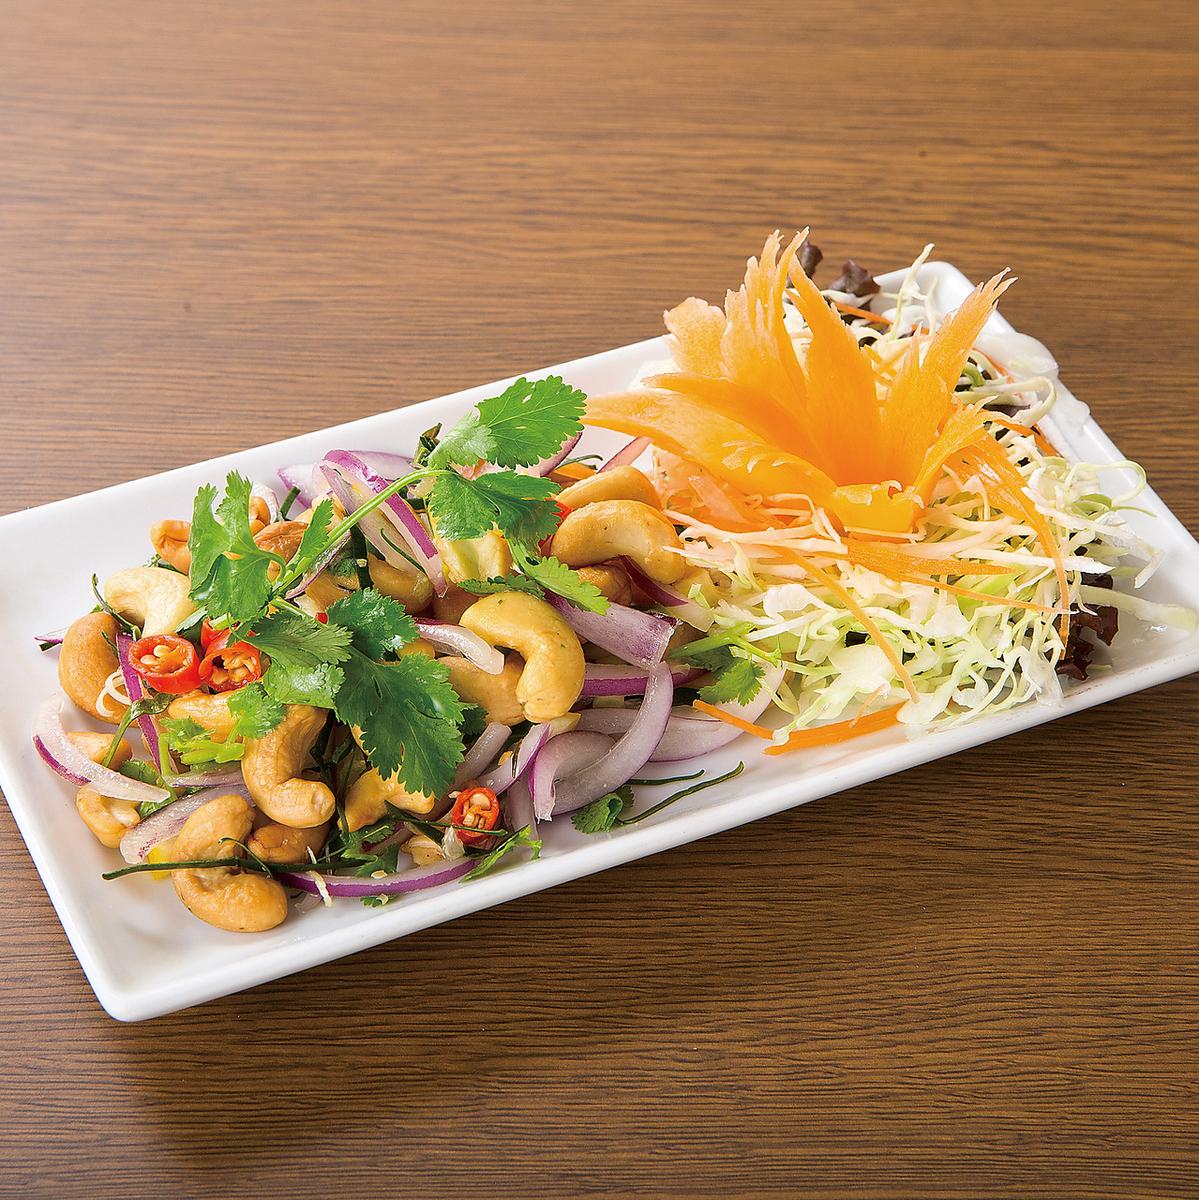 腰果沙拉用泰国样式草本